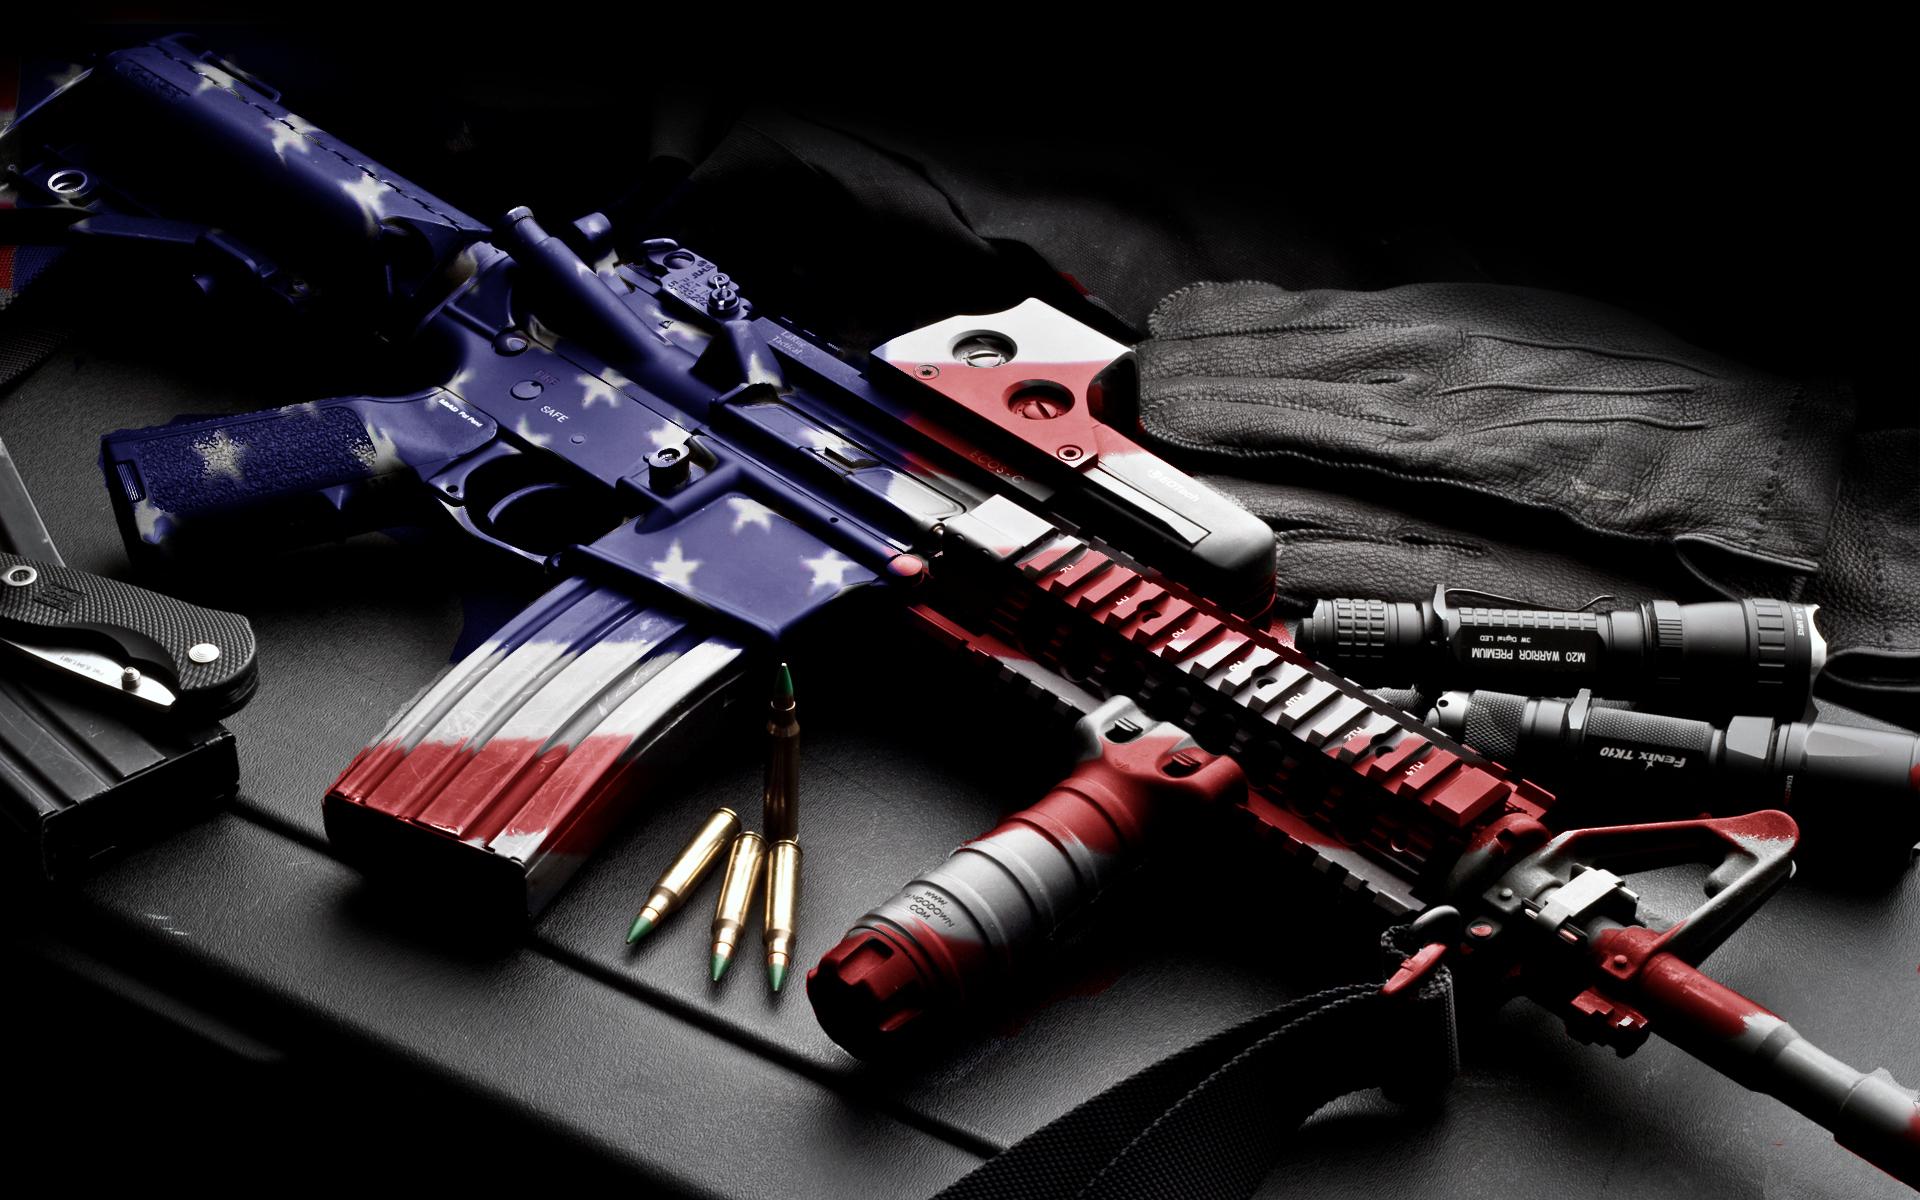 оружие обои на рабочий стол большие № 338172 загрузить